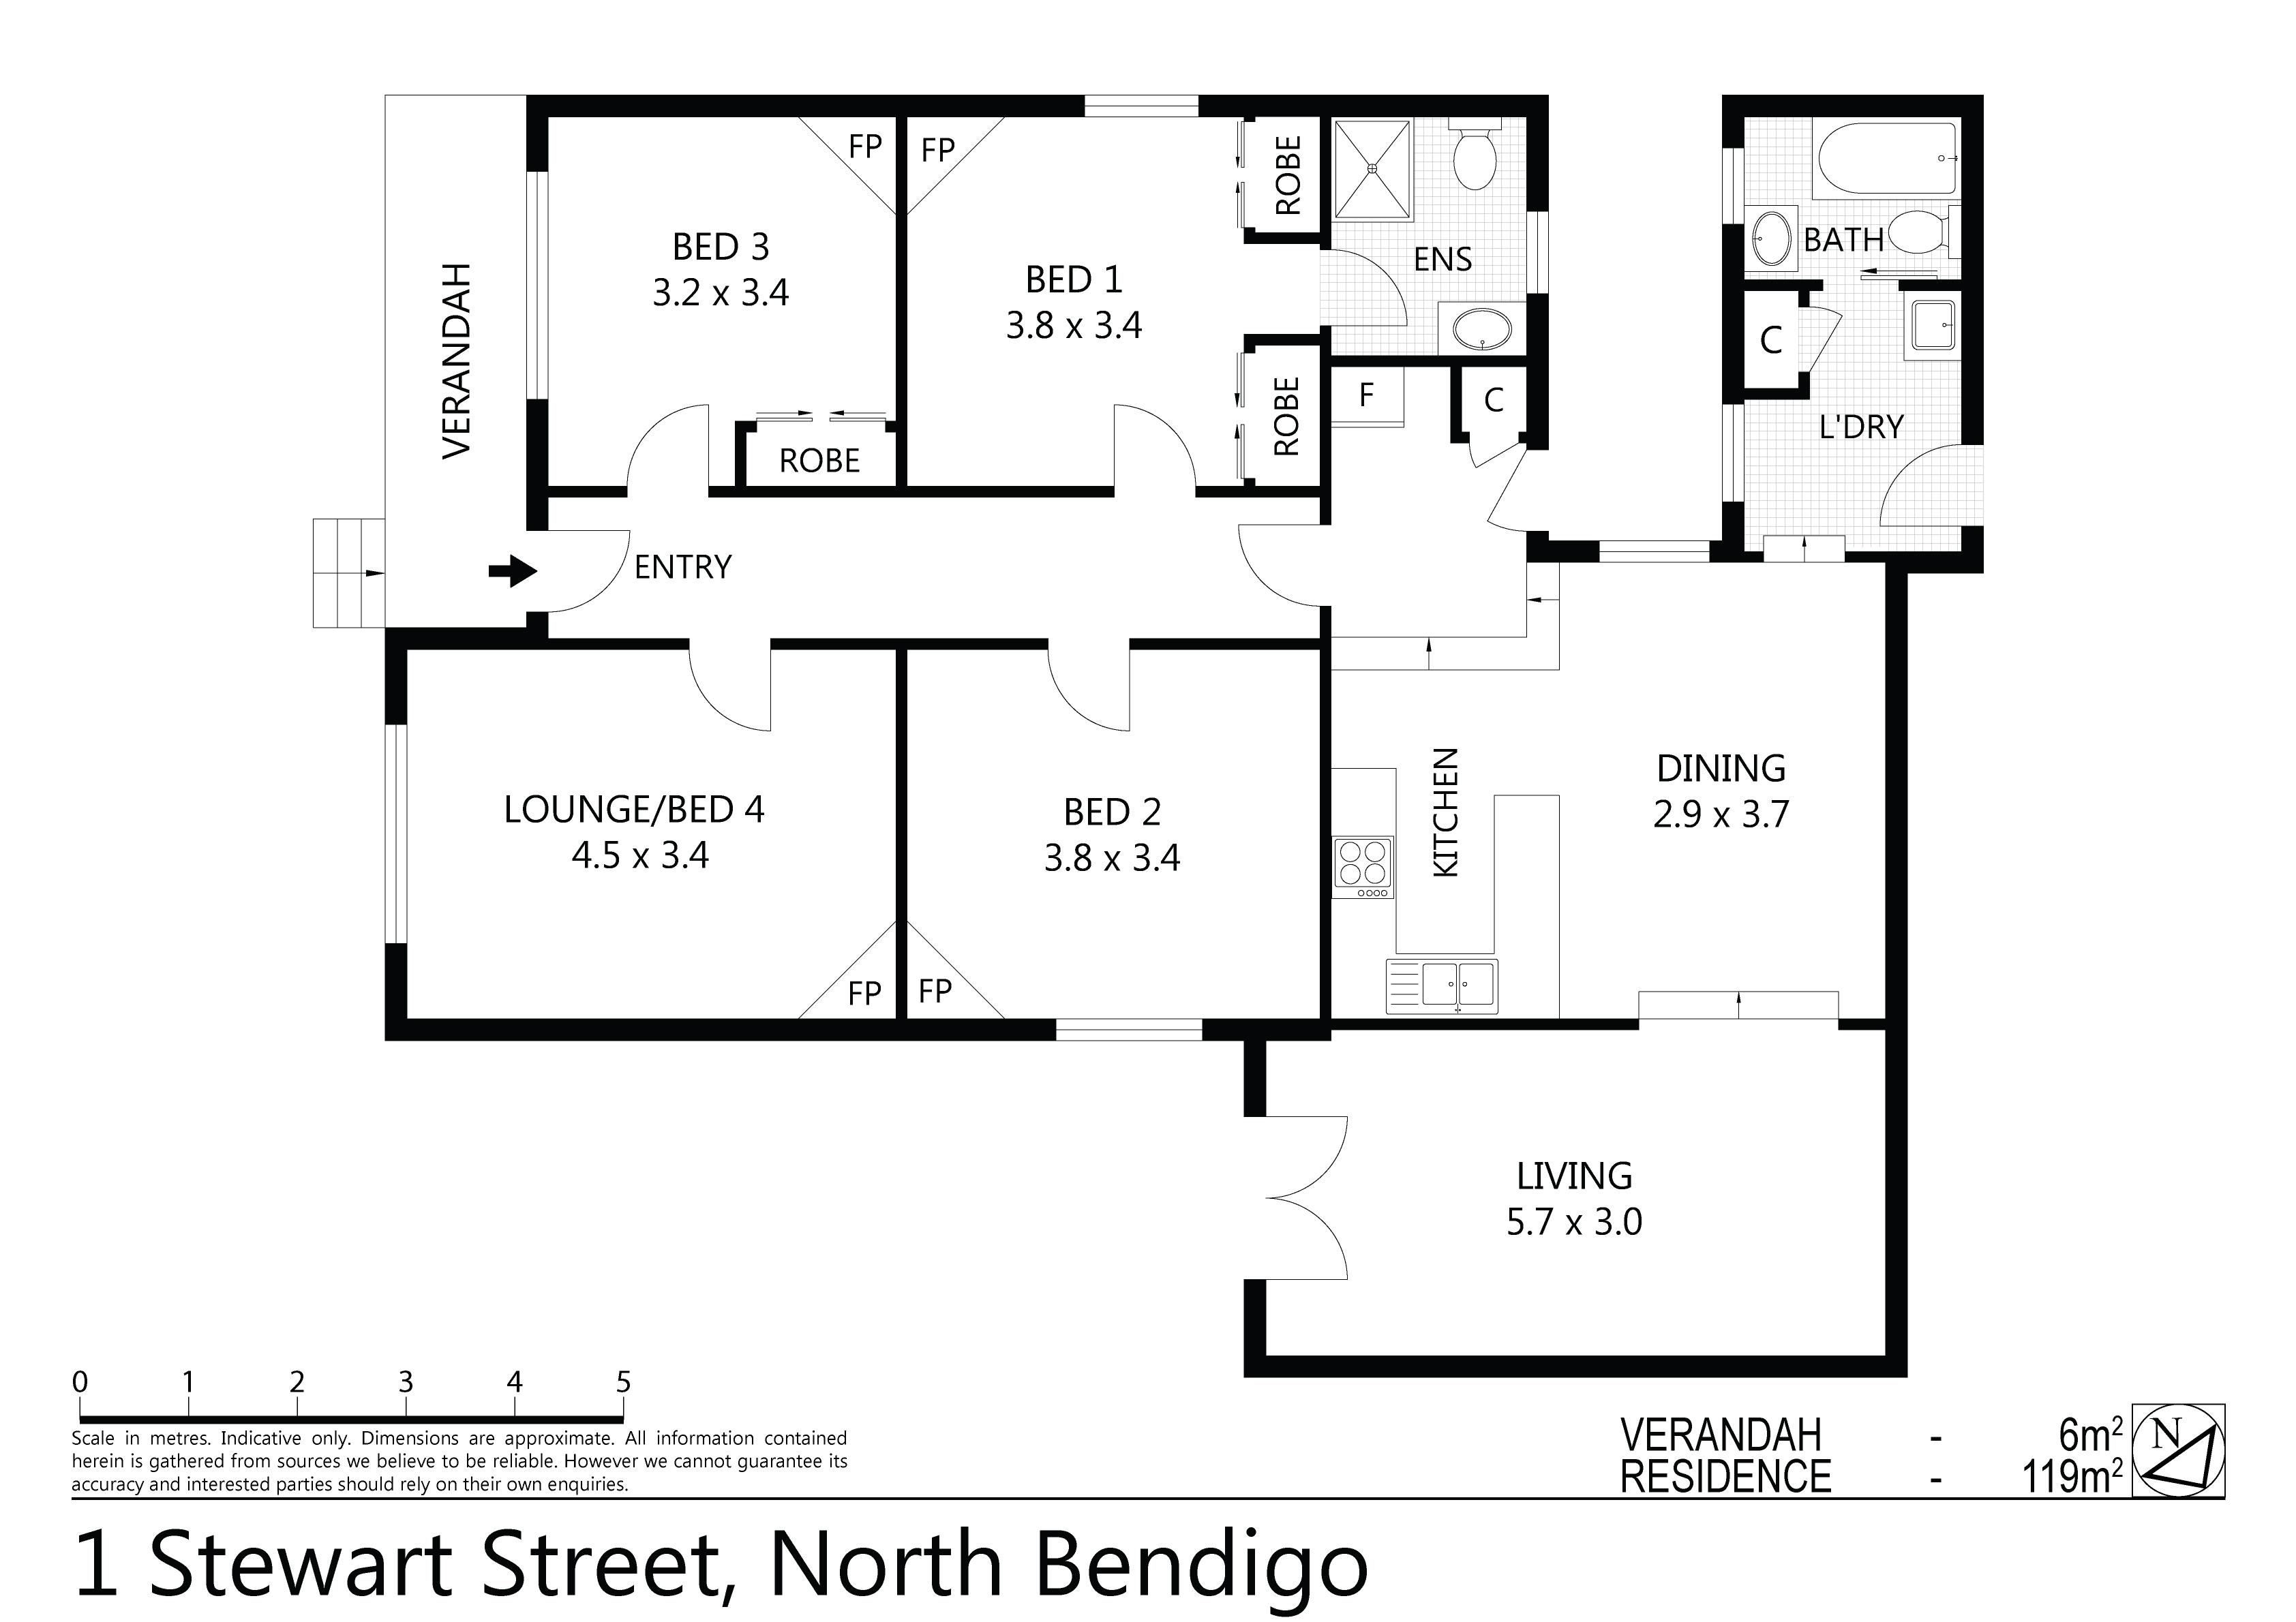 1 Stewart Street, North Bendigo, VIC 3550